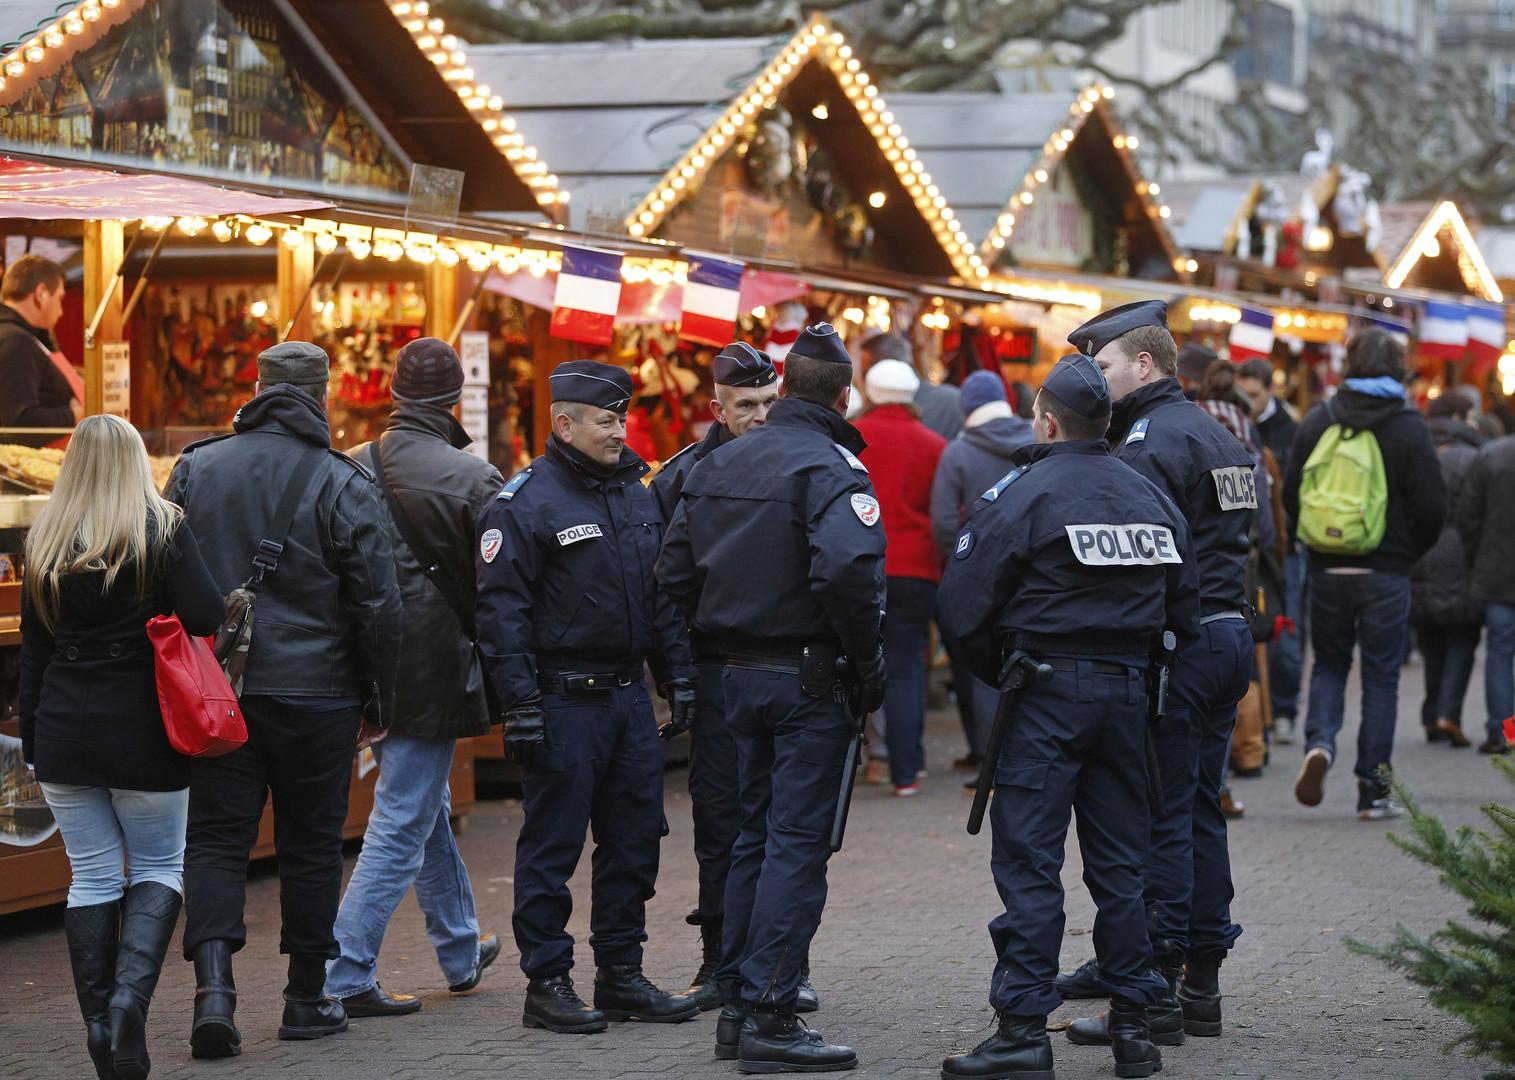 Le marché de Noël à Strasbourg a noté une baisse de fréquentation